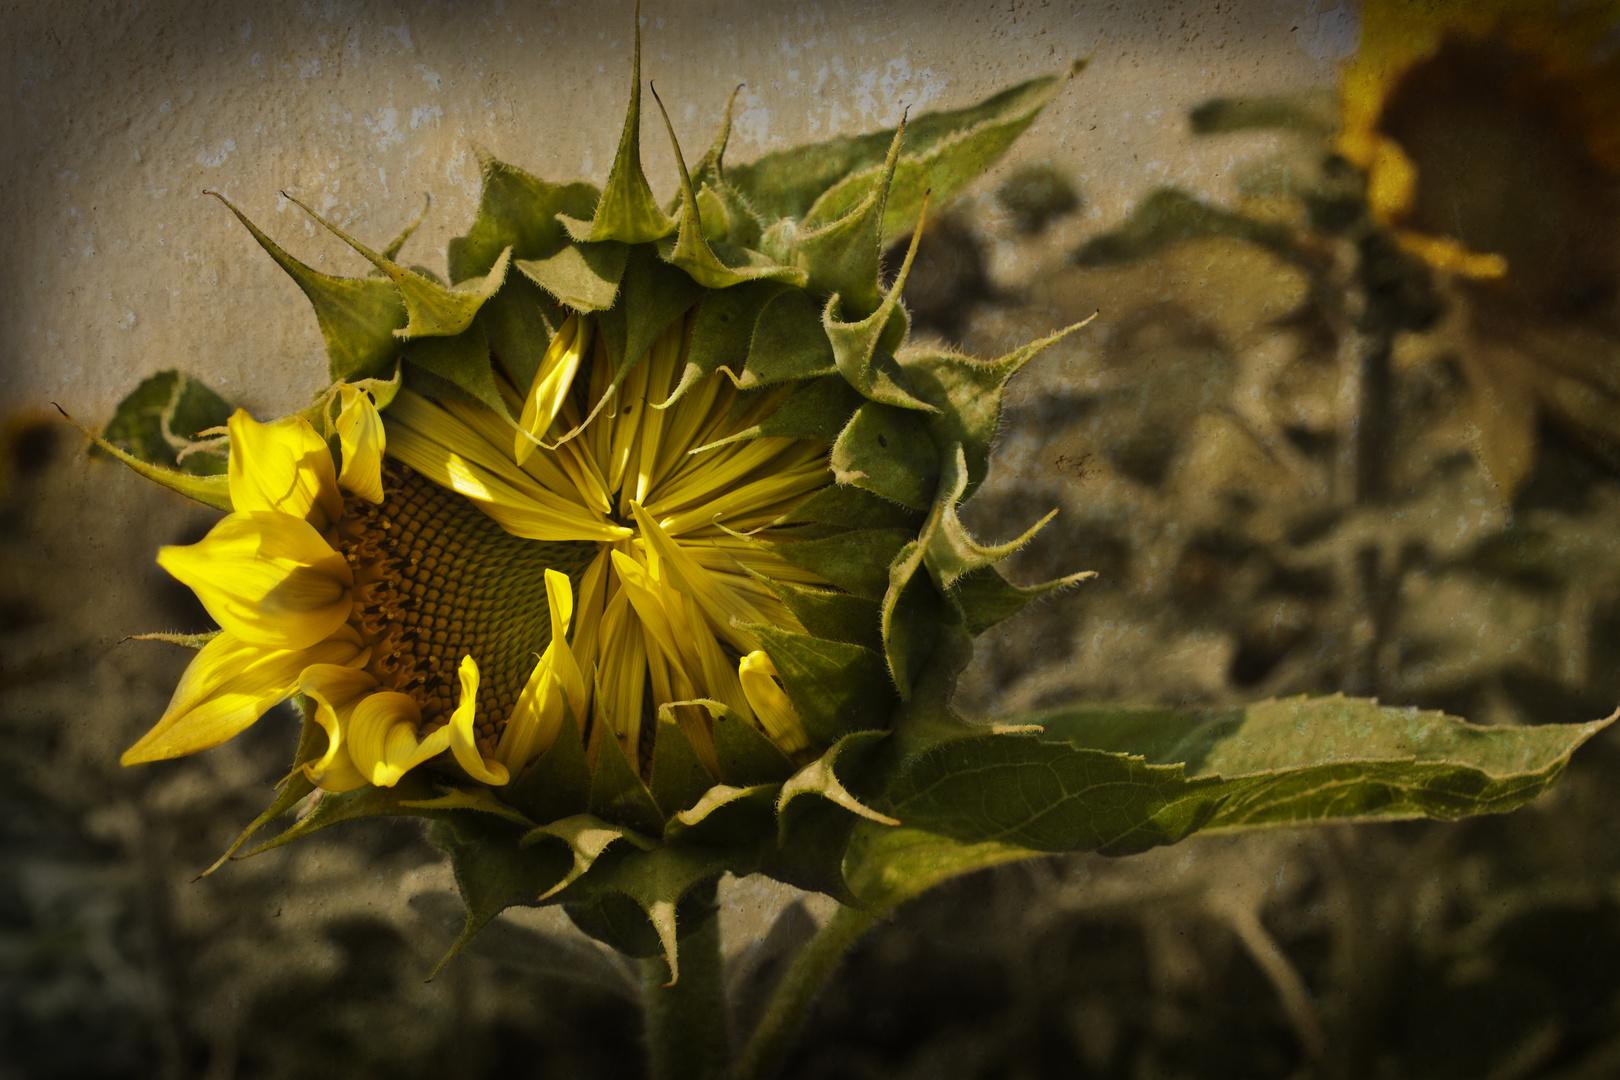 Langsam und behutsam öffnet sich ein neues Leben......